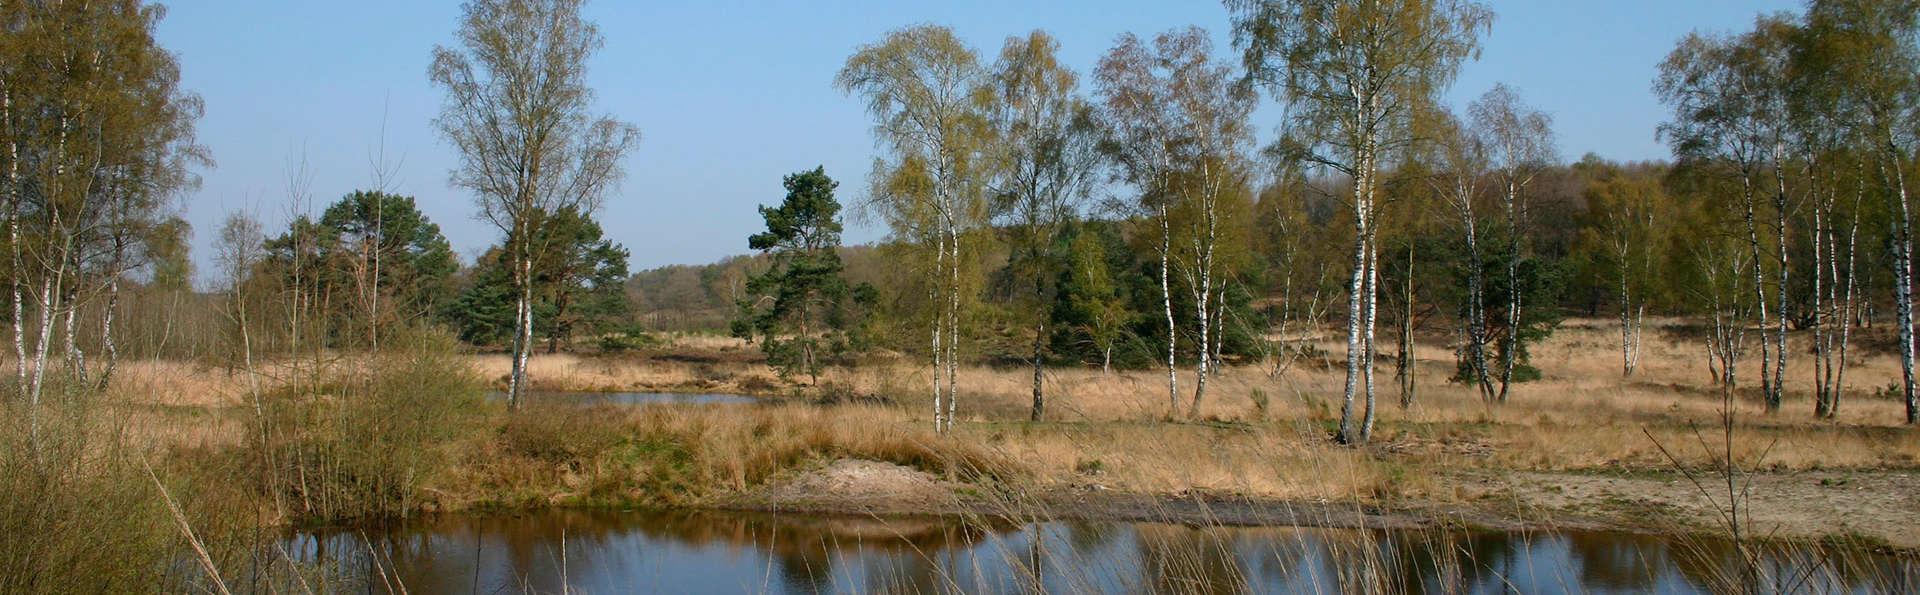 Landgoed Kasteel Daelenbroeck  - EDIT_Meinweg_Boshotel_groot1.jpg